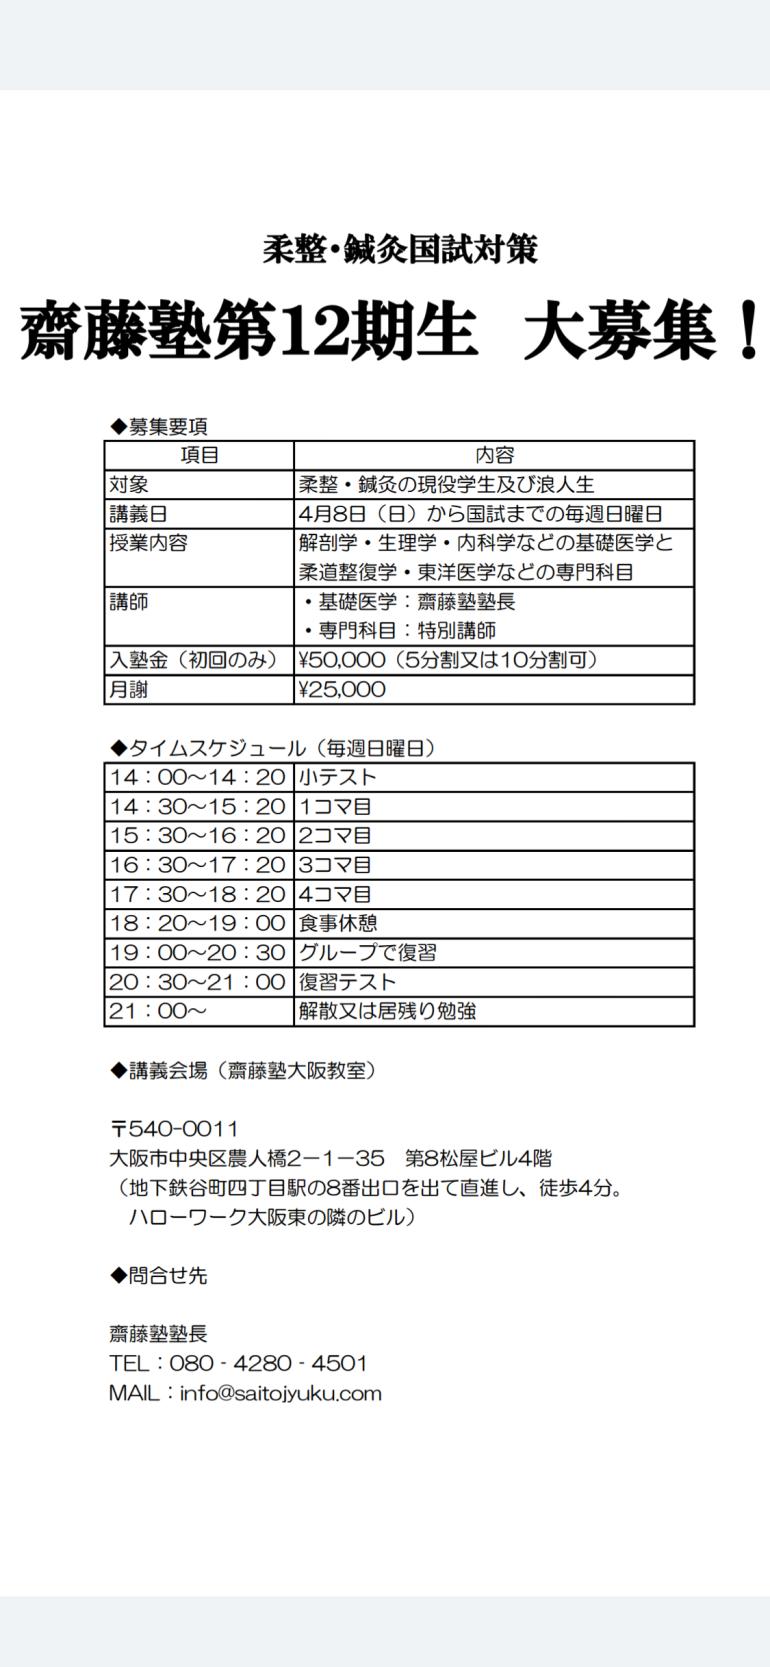 BFC92627-5D8F-4793-995C-2EAE36887C04